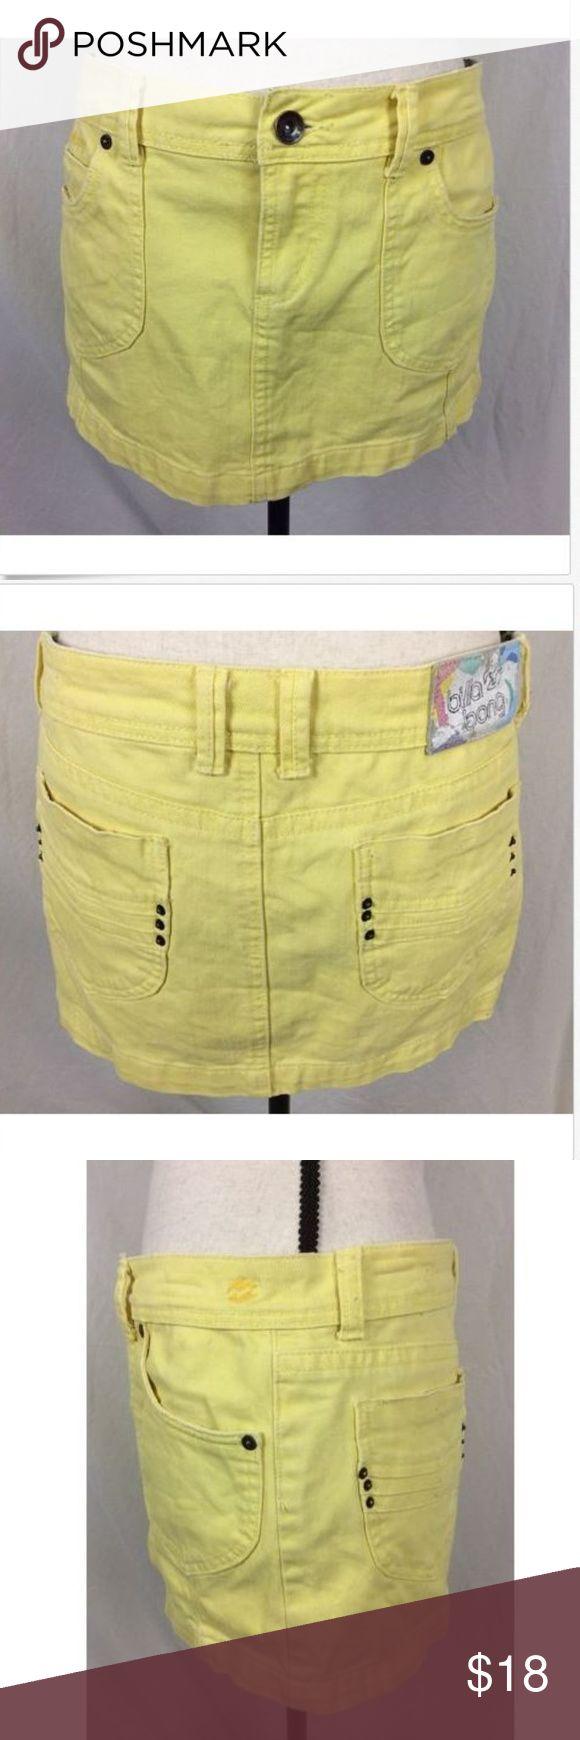 """Billabong Yellow Denim Mini Skirt 7 Juniors Billabong Butter Yellow Jean skirt size 7  Measurements laying flat  Waist 16""""  Length 11"""" Billabong Skirts Mini"""